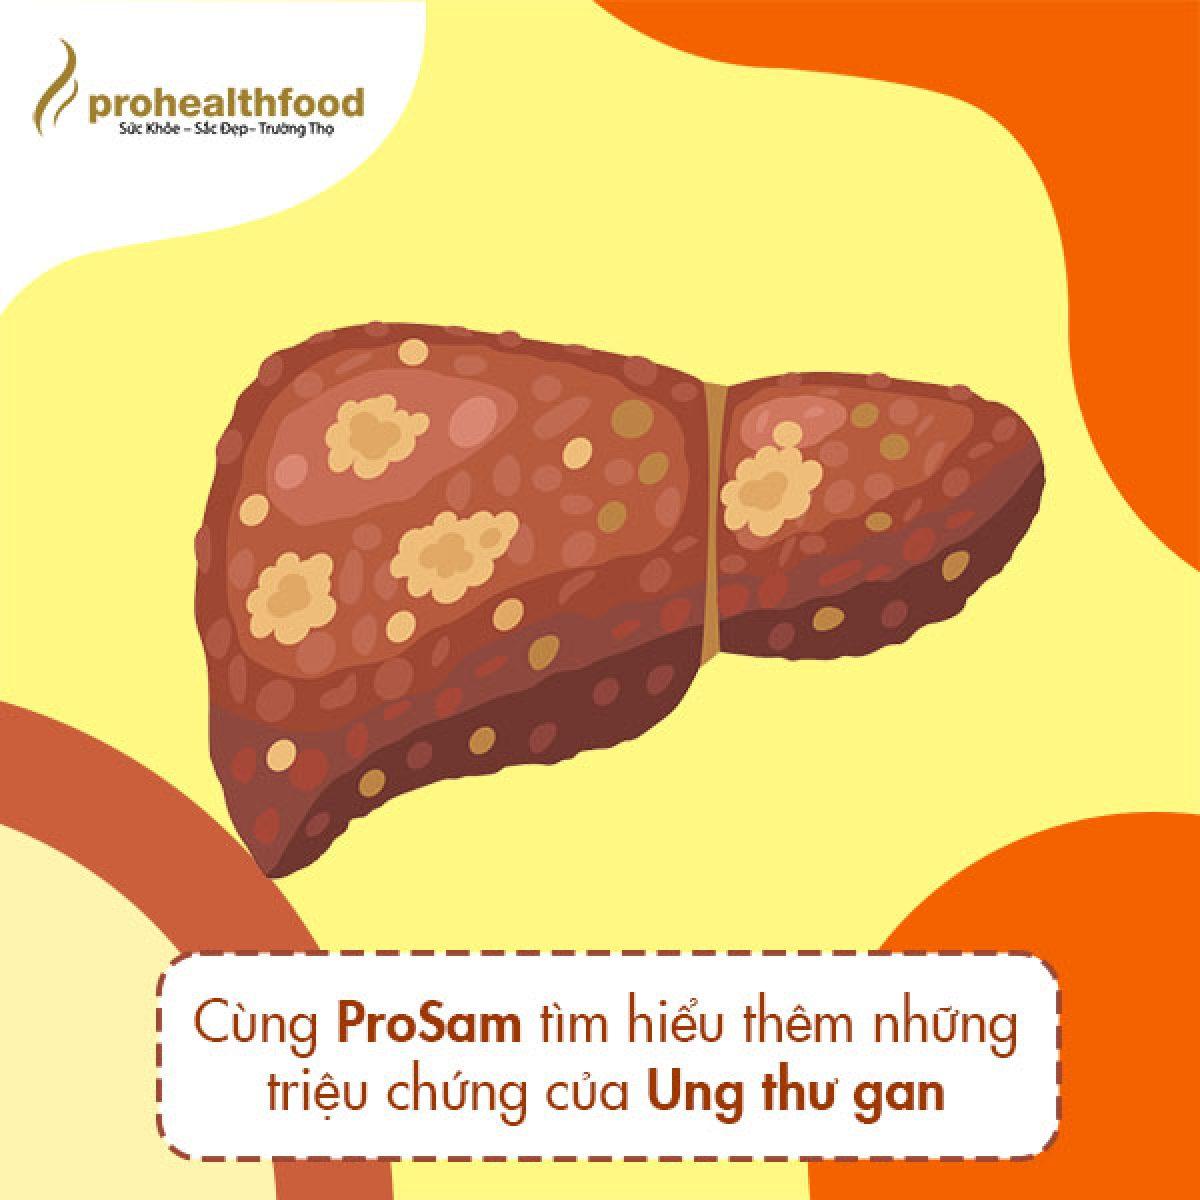 Cùng ProSam tìm hiểu thêm những triệu chứng của ung thư gan.